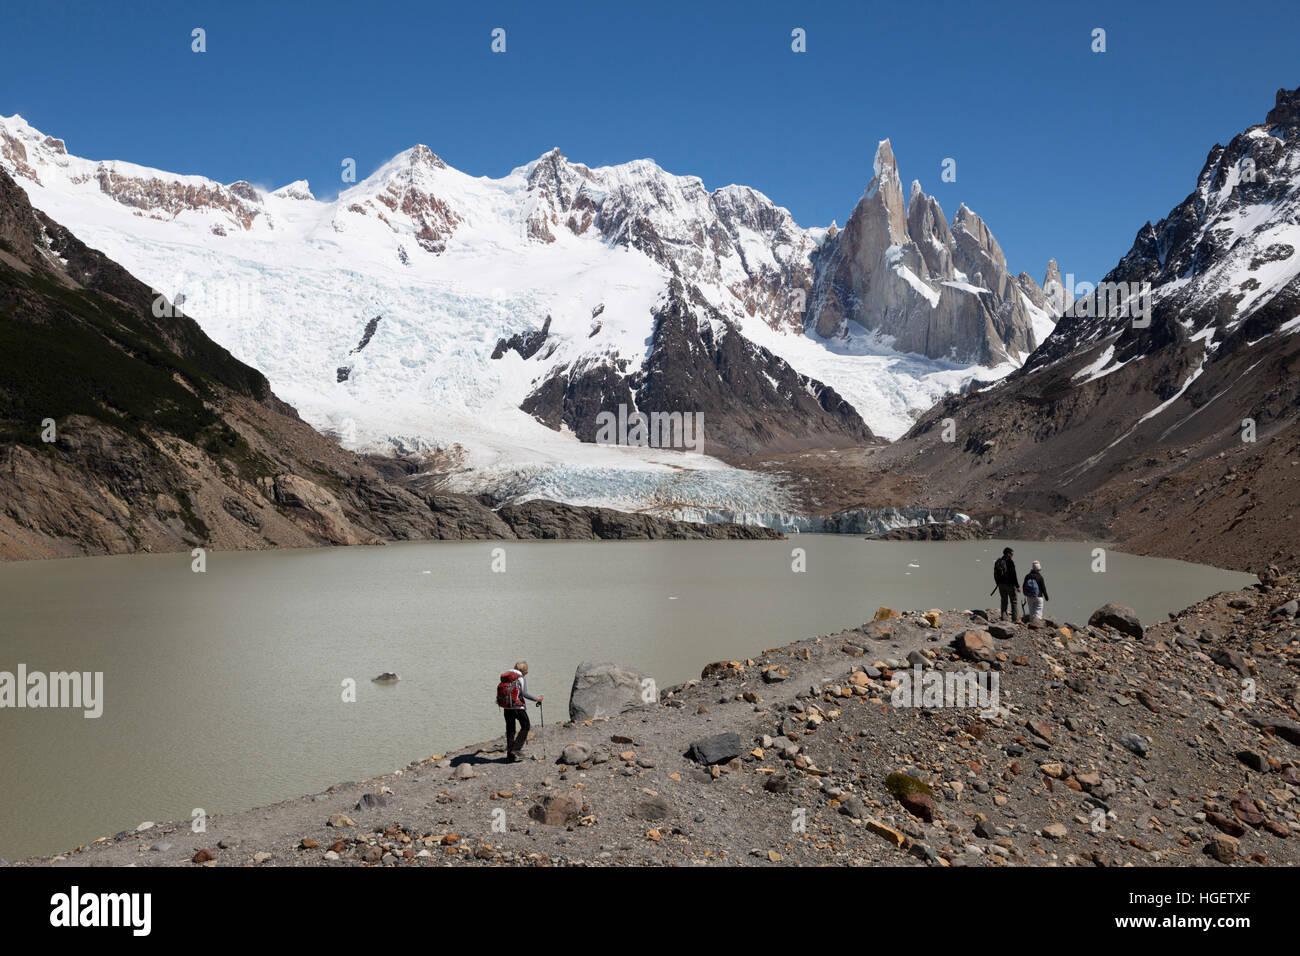 Excursionistas caminando por la Laguna Torre con vistas del Cerro Torre, El Chalten, Patagonia Argentina, Sudamérica Foto de stock